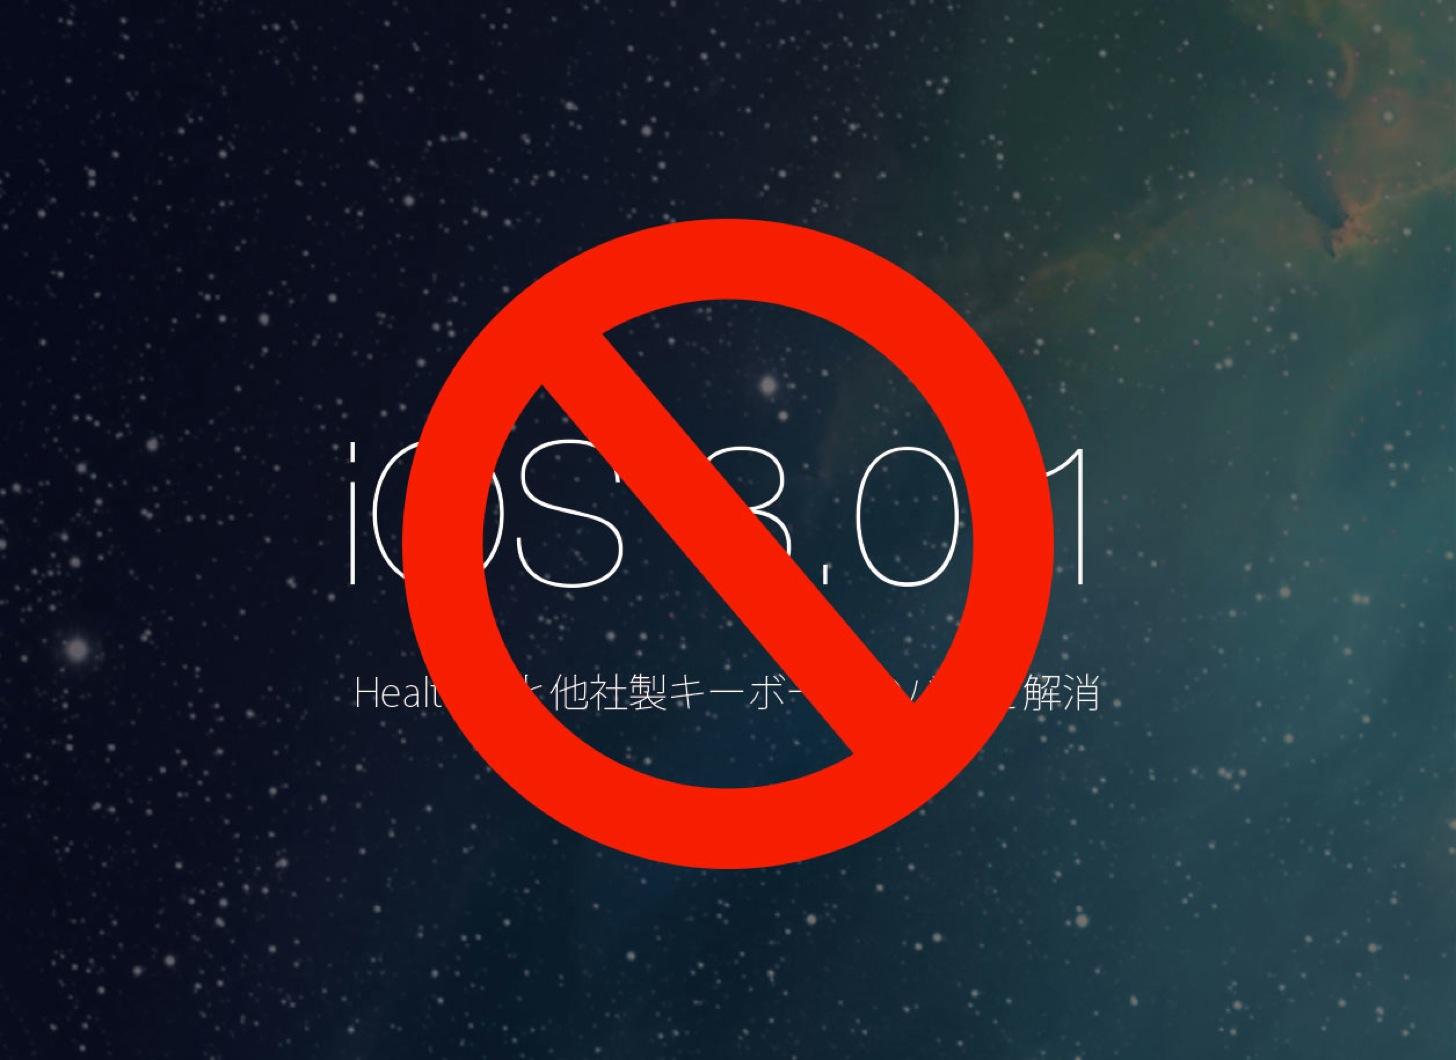 iOS 8.0.1 dropped